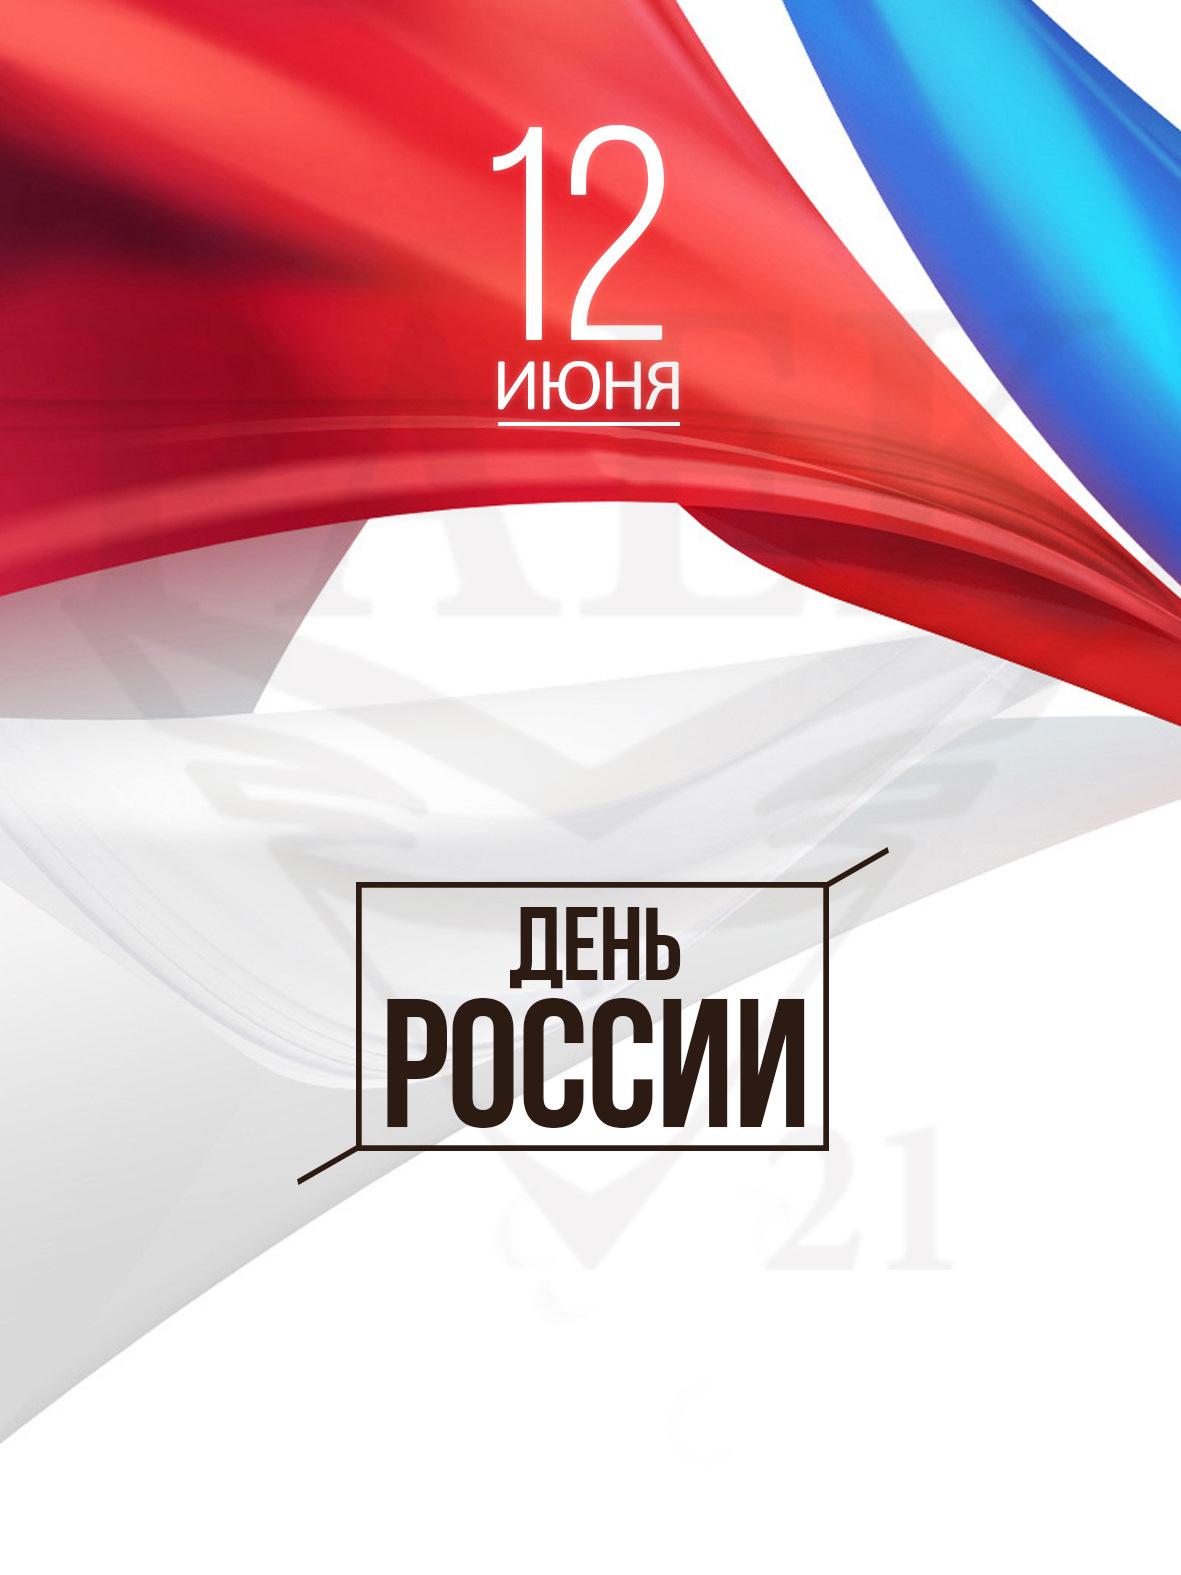 хаоса отметила, день россии картинка для афиши будет чуть-чуть истории